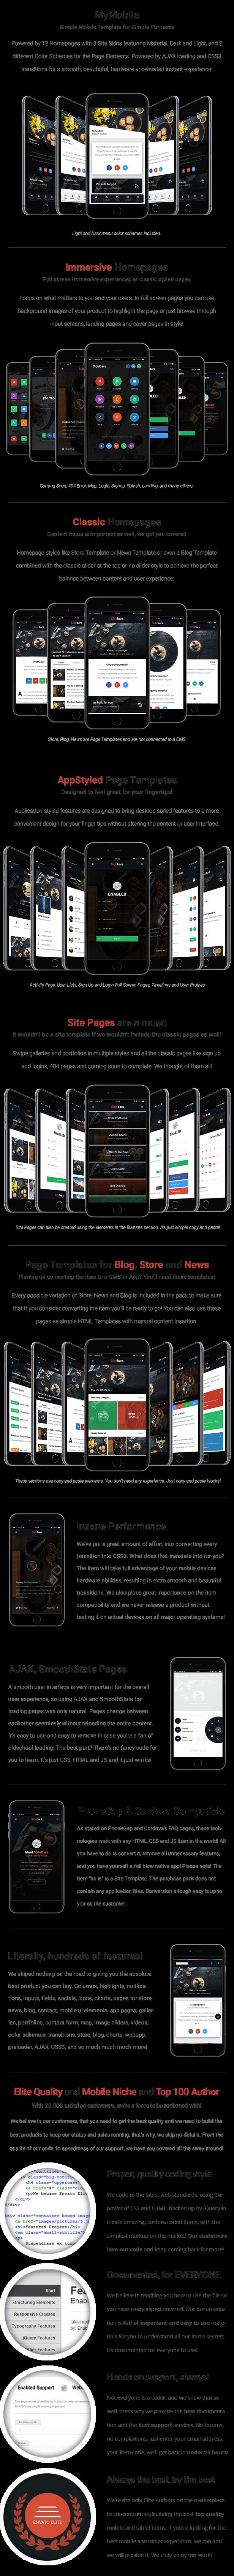 MyMobile Mobile | PhoneGap & Cordova Mobile App - 10